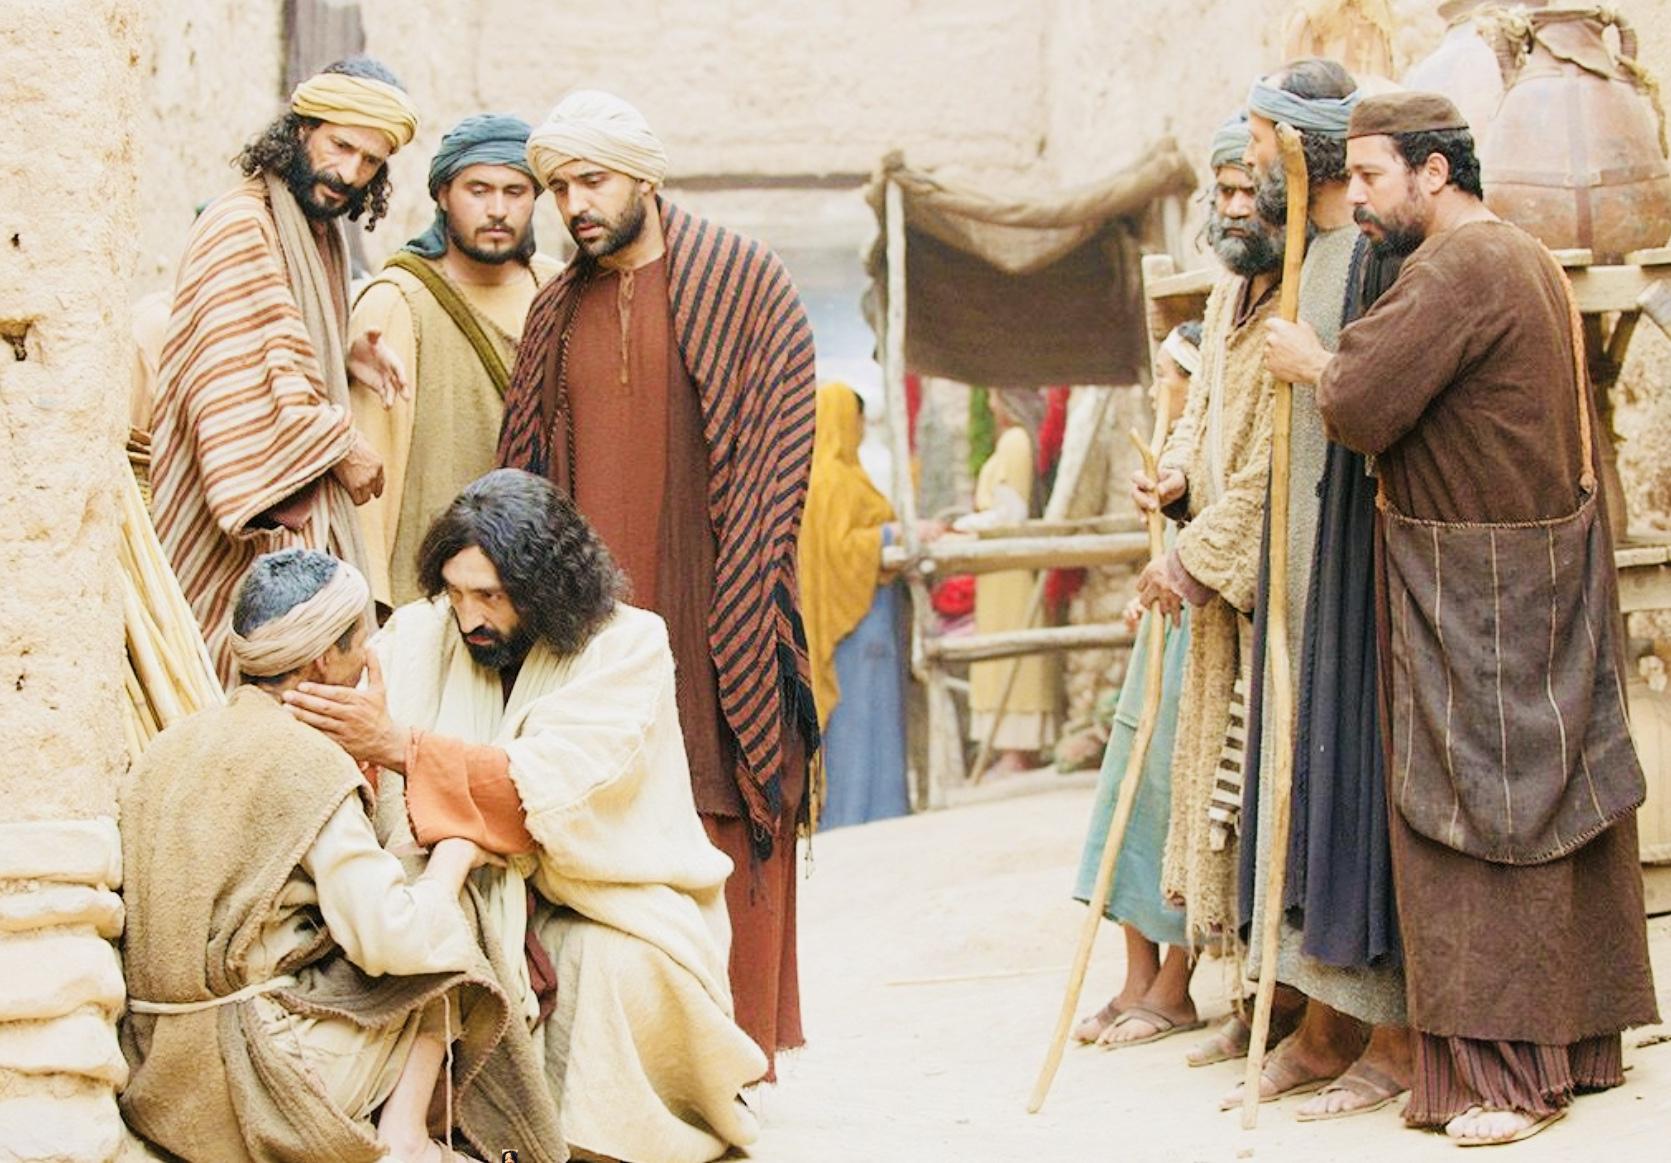 Jésus fait tout à merveille (Marc 7:37)